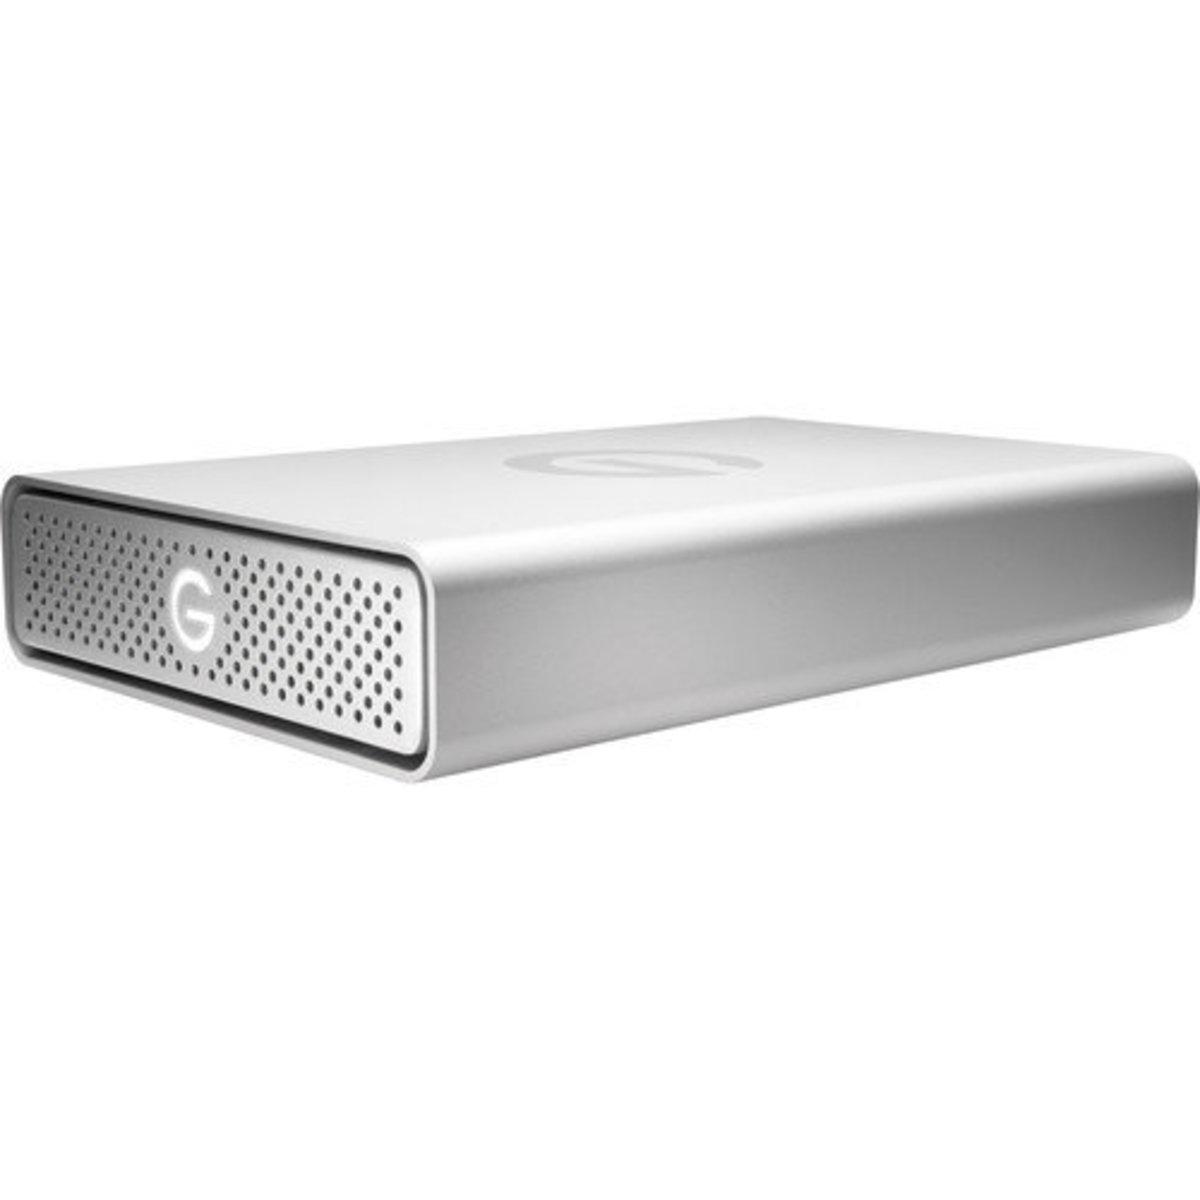 G-Technology 14TB G-DRIVE USB USB 3.0 Hard Drive (行貨三年保養)